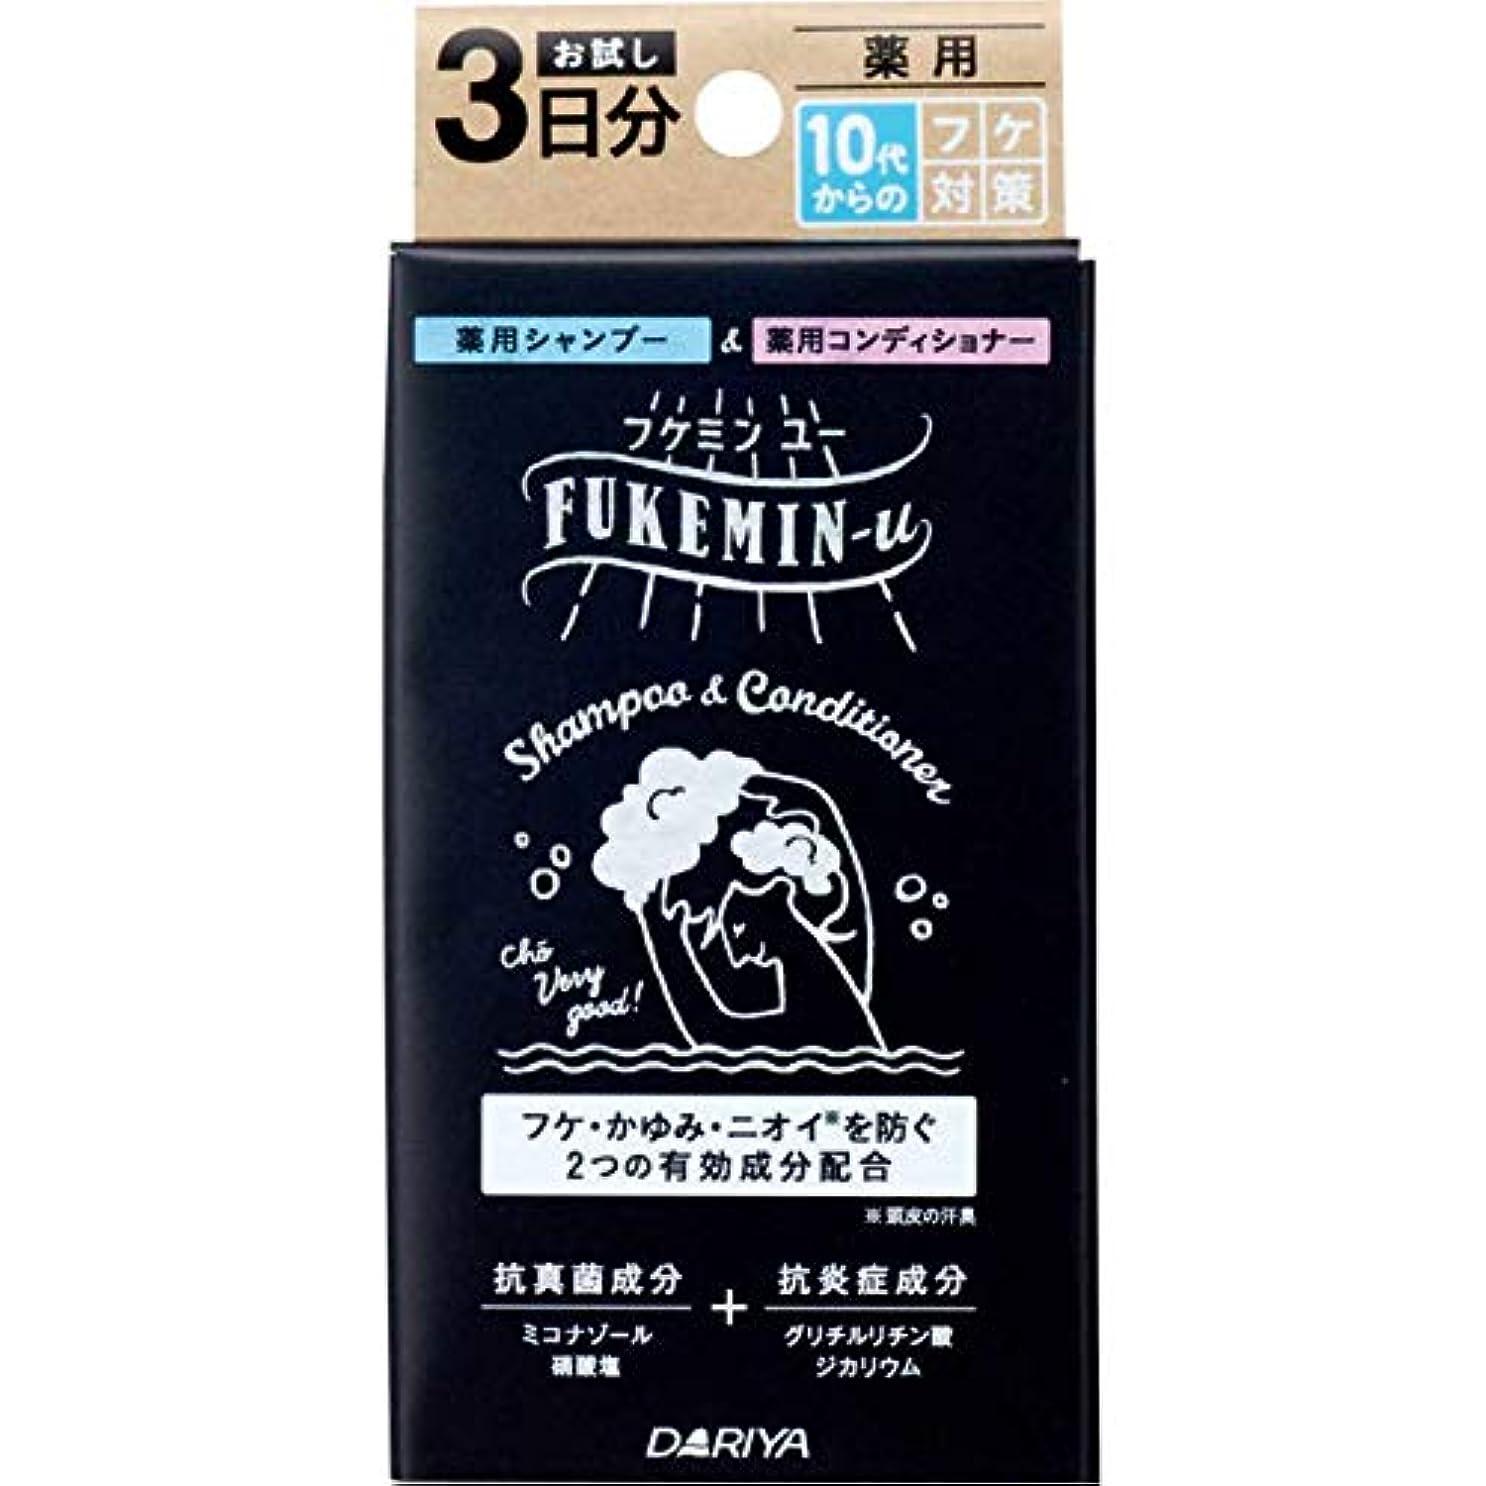 受け入れた舗装するフリッパーダリヤ フケミンユー トライアルセット 3日分 (医薬部外品)